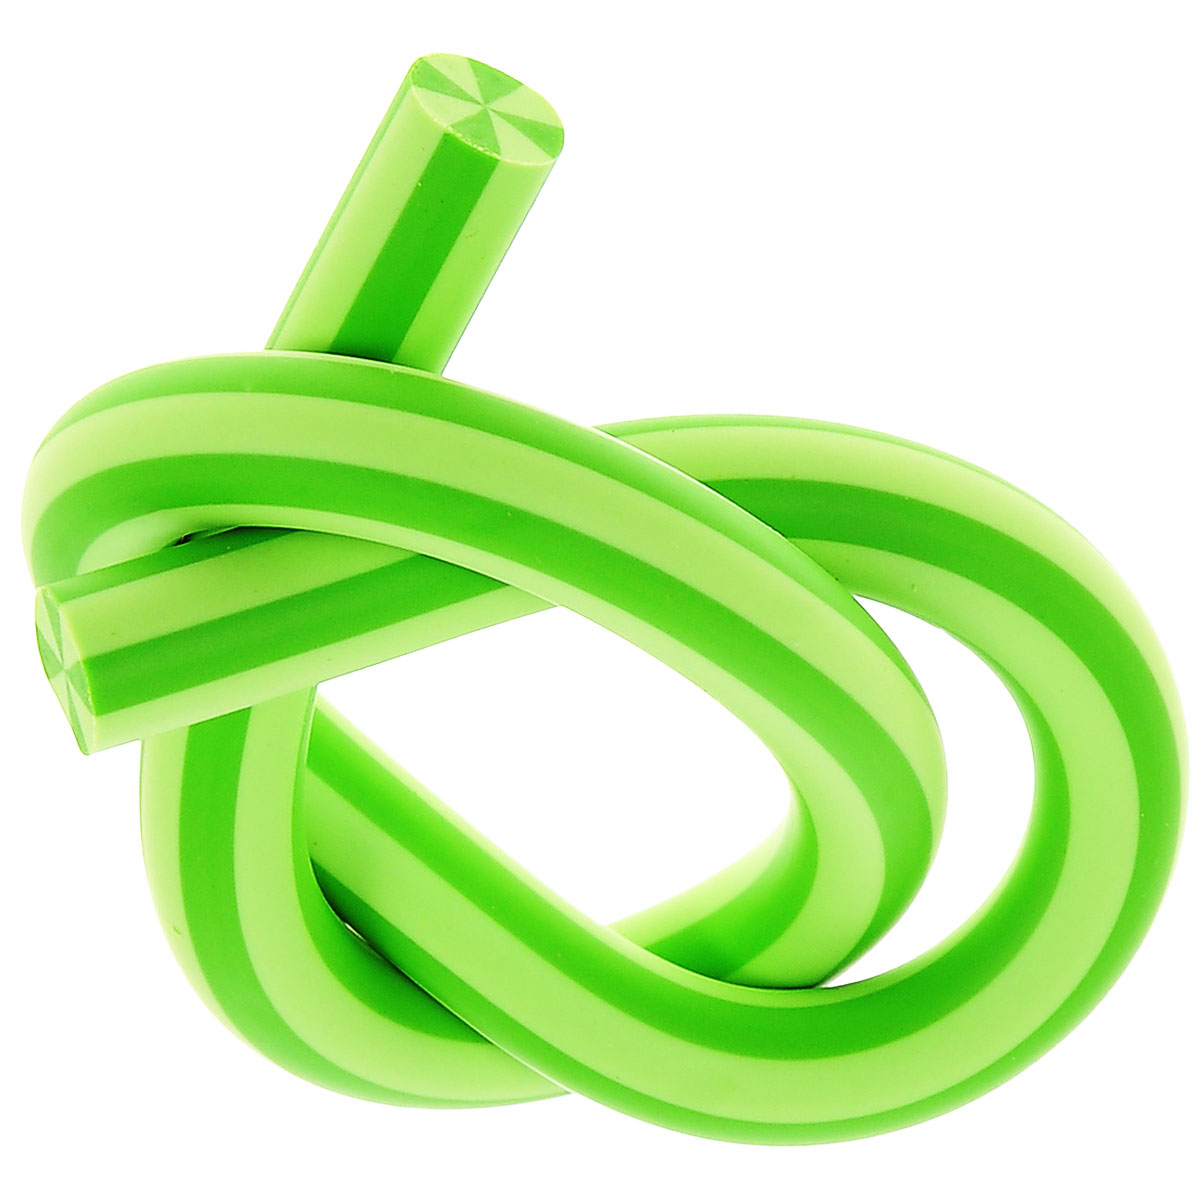 Brunnen Ластик гнущийся, цвет: зеленый29970-52\284450\BCDЛастик Brunnen с оригинальным дизайном произведен из резины.Ластик в виде карандаша с гнущимся круглым корпусом легко принимает любую форму. Благодаря этой особенности ластик удобен, практичен и помещается в любой пенал.Ластик Brunnen непременно станет не только нужным, но и занимательным аксессуаром рабочего стола ребенка.